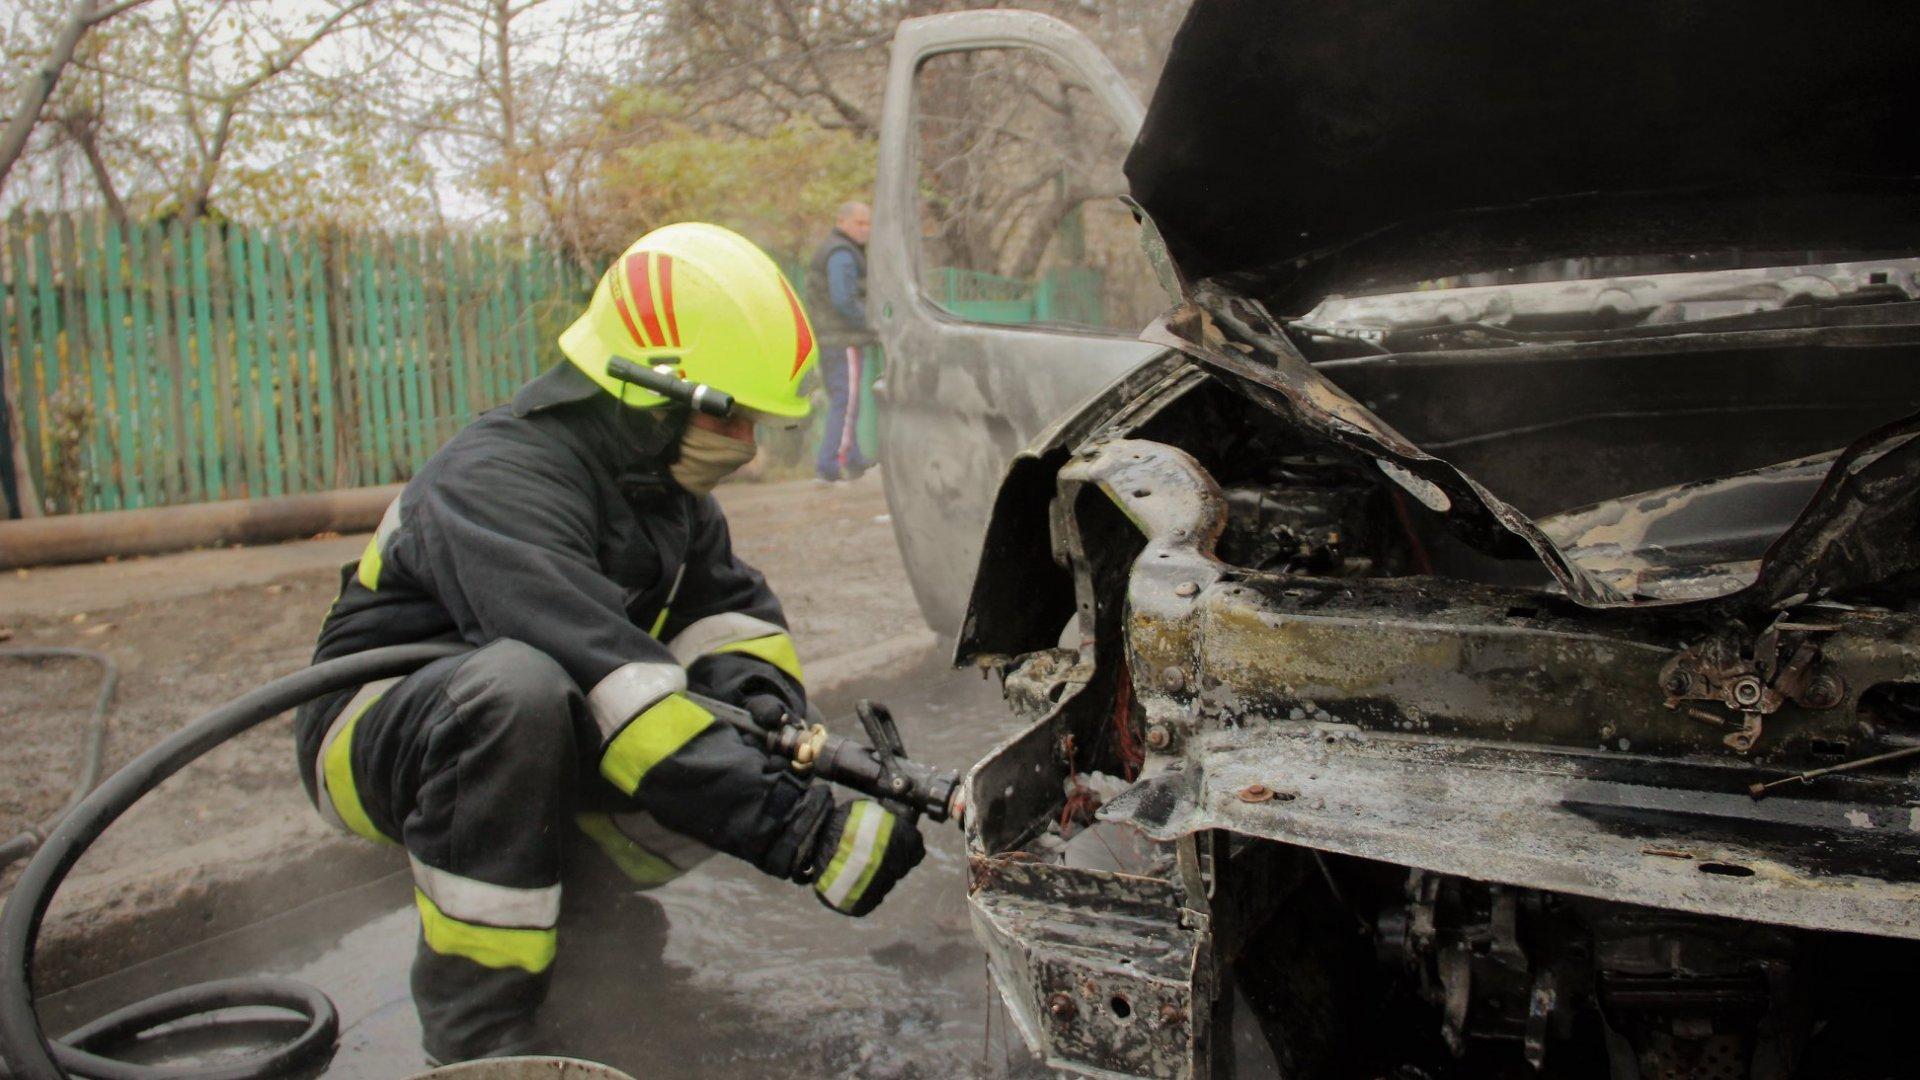 Поджог или случайность? Сразу несколько машин горели в Кишиневе минувшей ночью